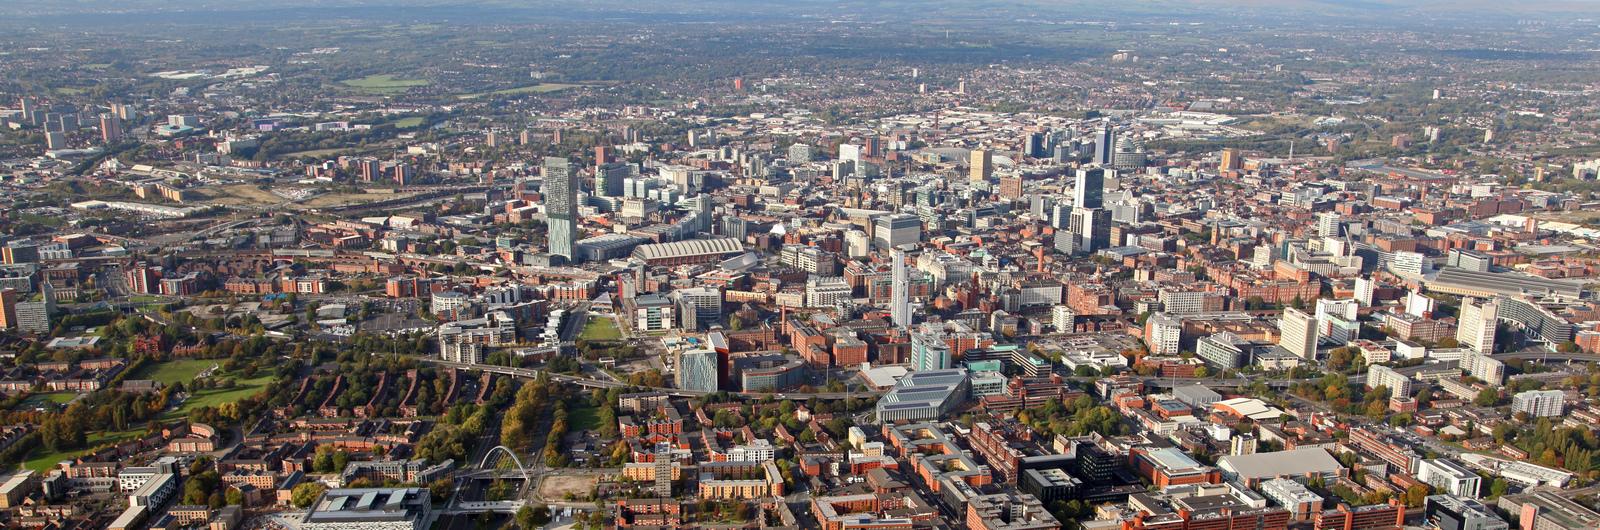 manchester city header